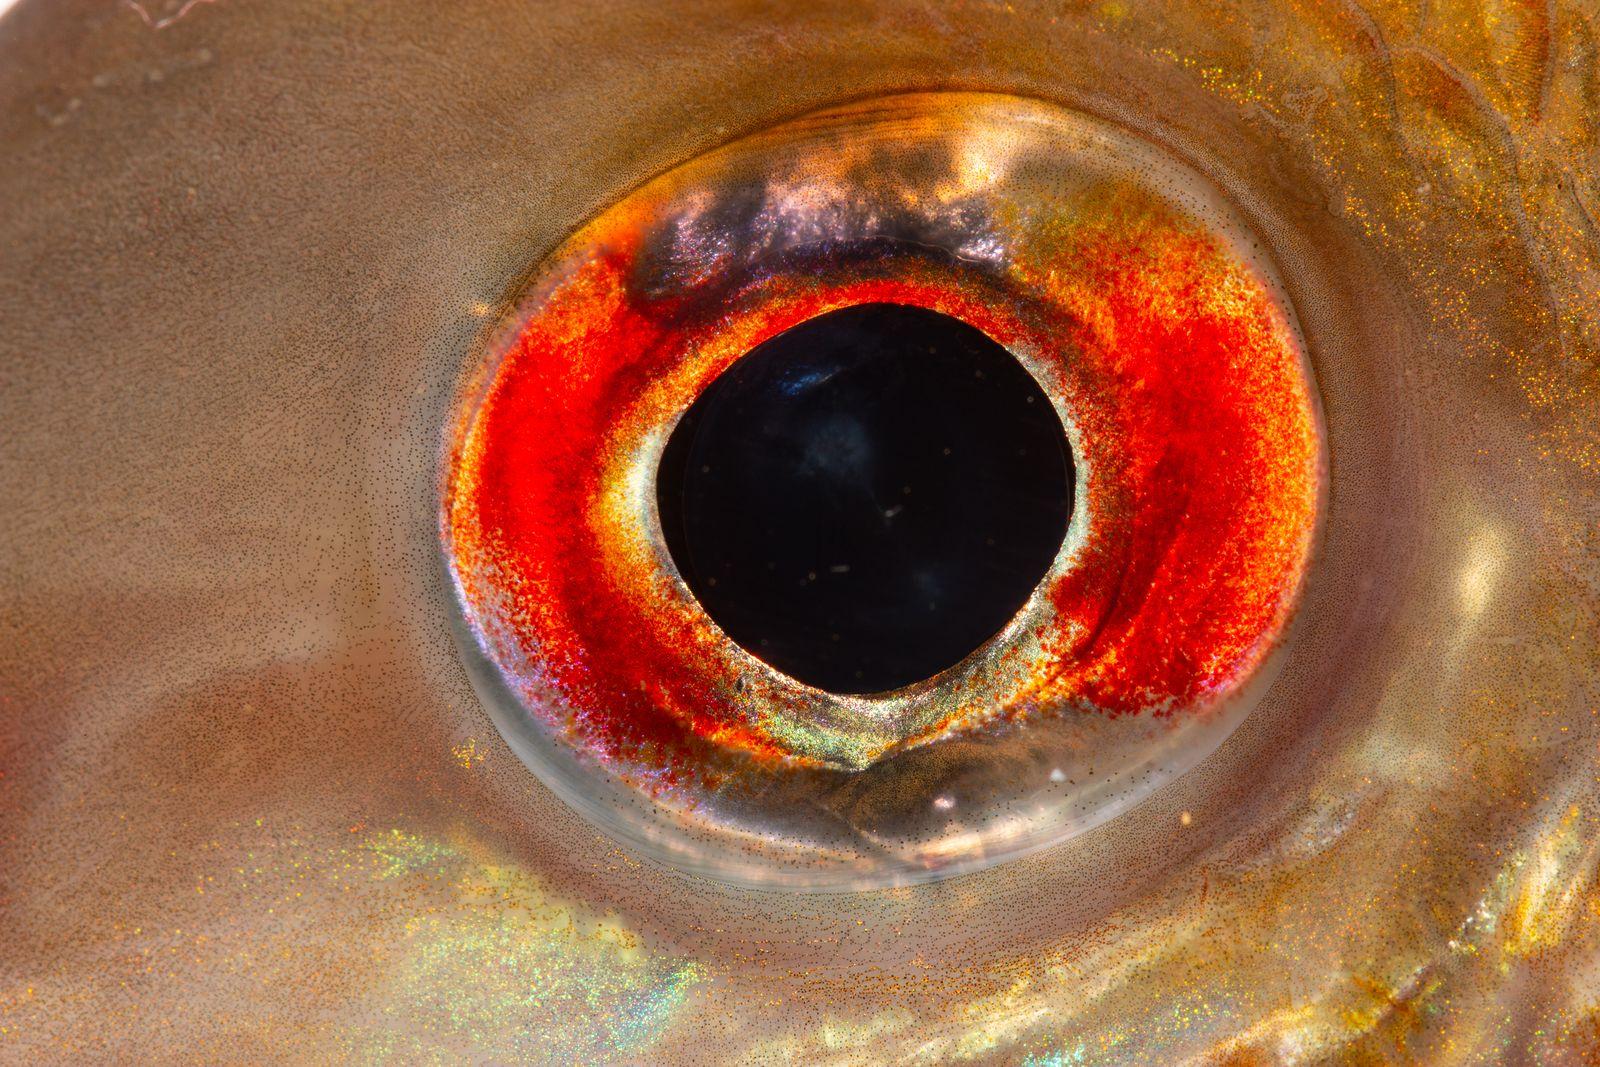 Imagen detalle del ojo de Geophagus surinamensis CavFish Unibagué